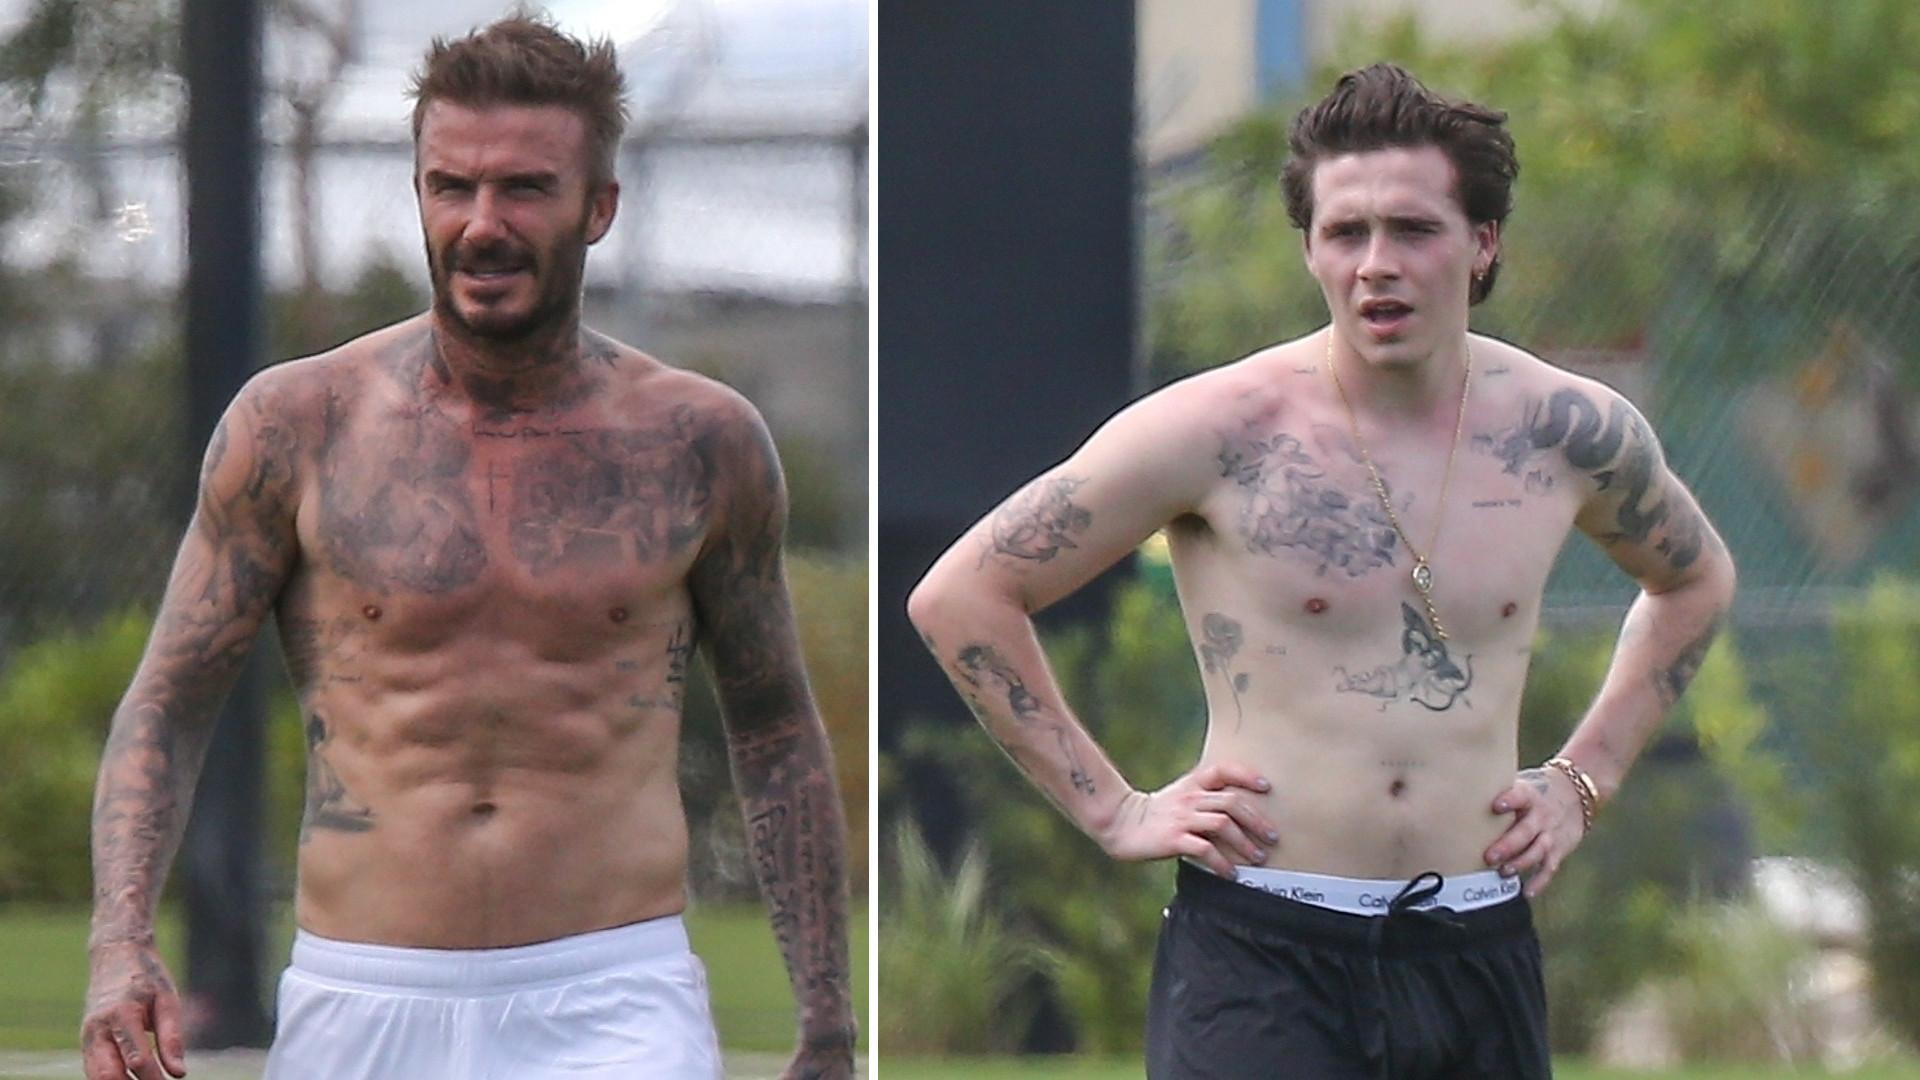 David Beckham ma 44 lata i sylwetkę LEPSZĄ od swego 21-letniego syna Brooklyna (ZDJĘCIA)